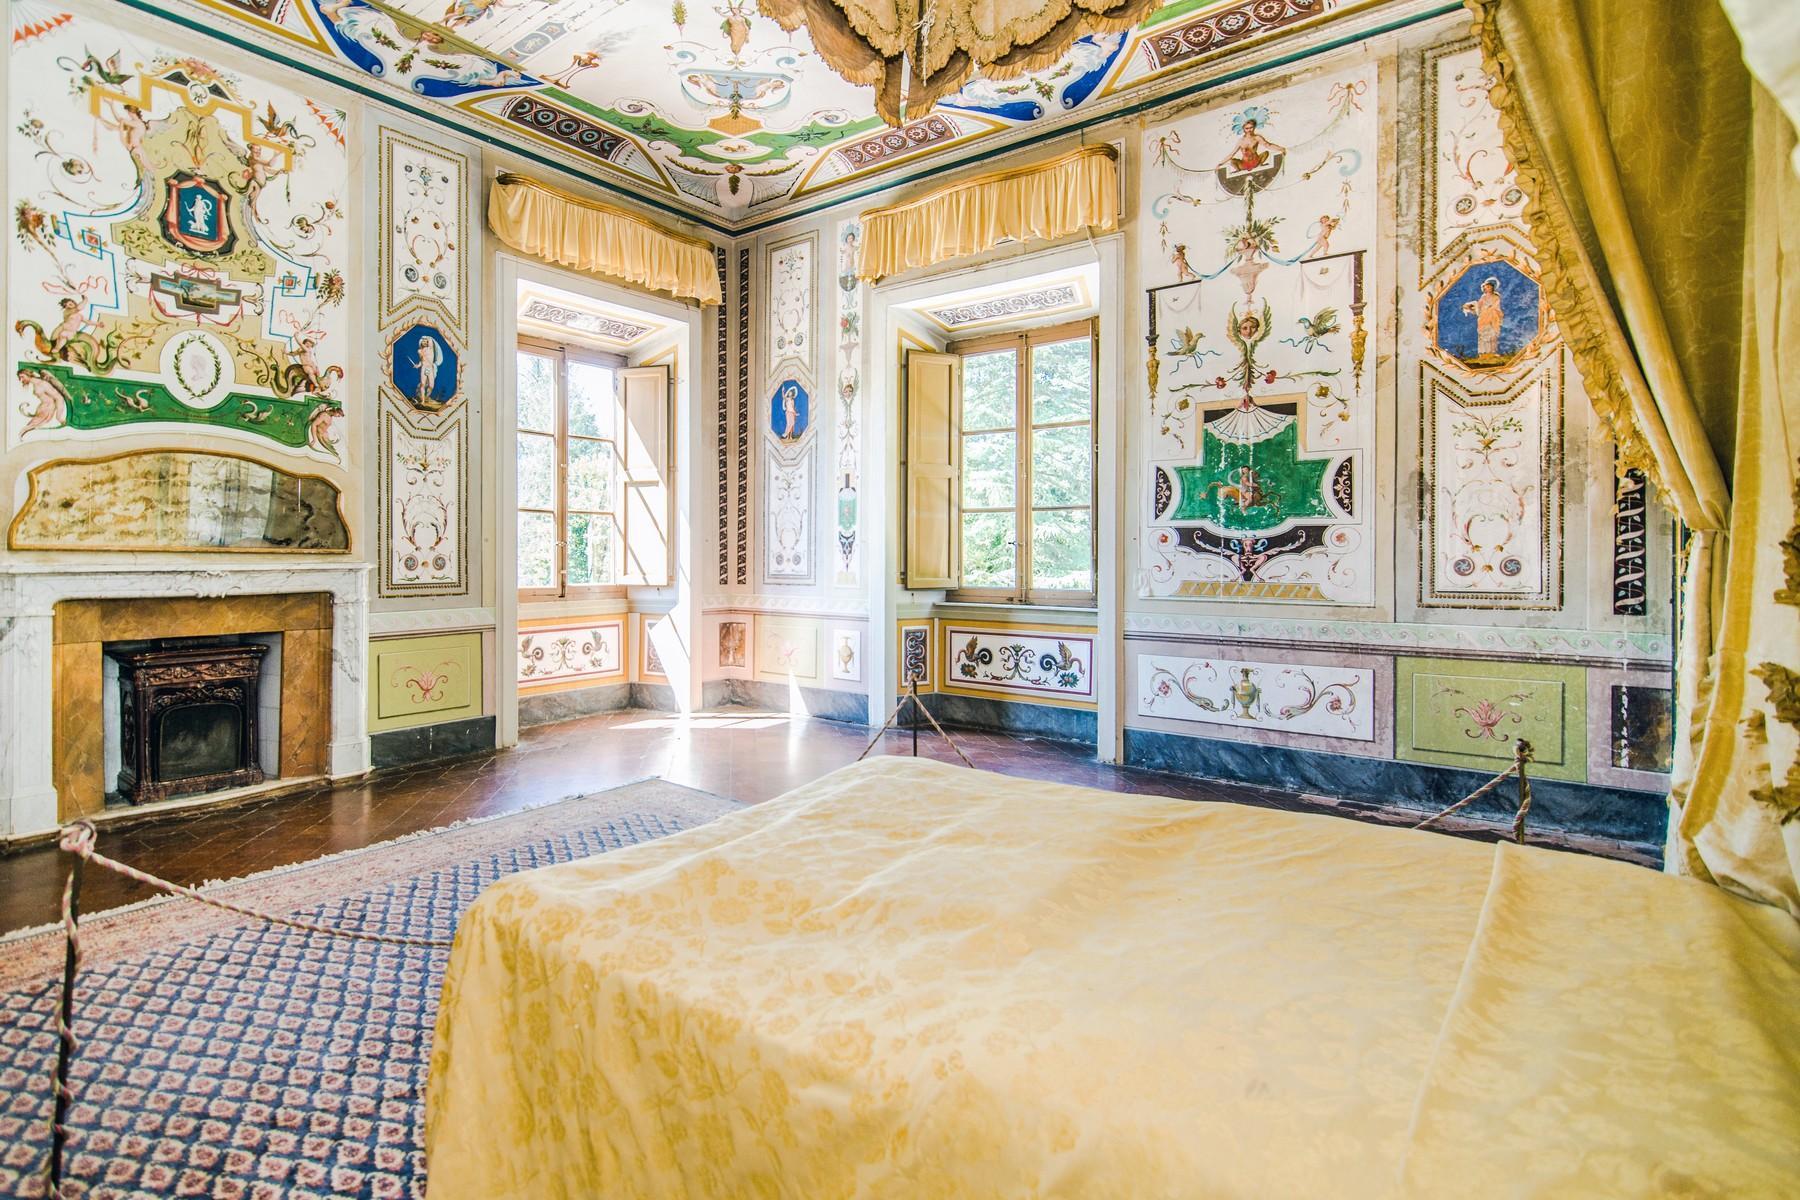 Роскошный особняк XVI века на тосканских холмах в Лукке, Италия - 15